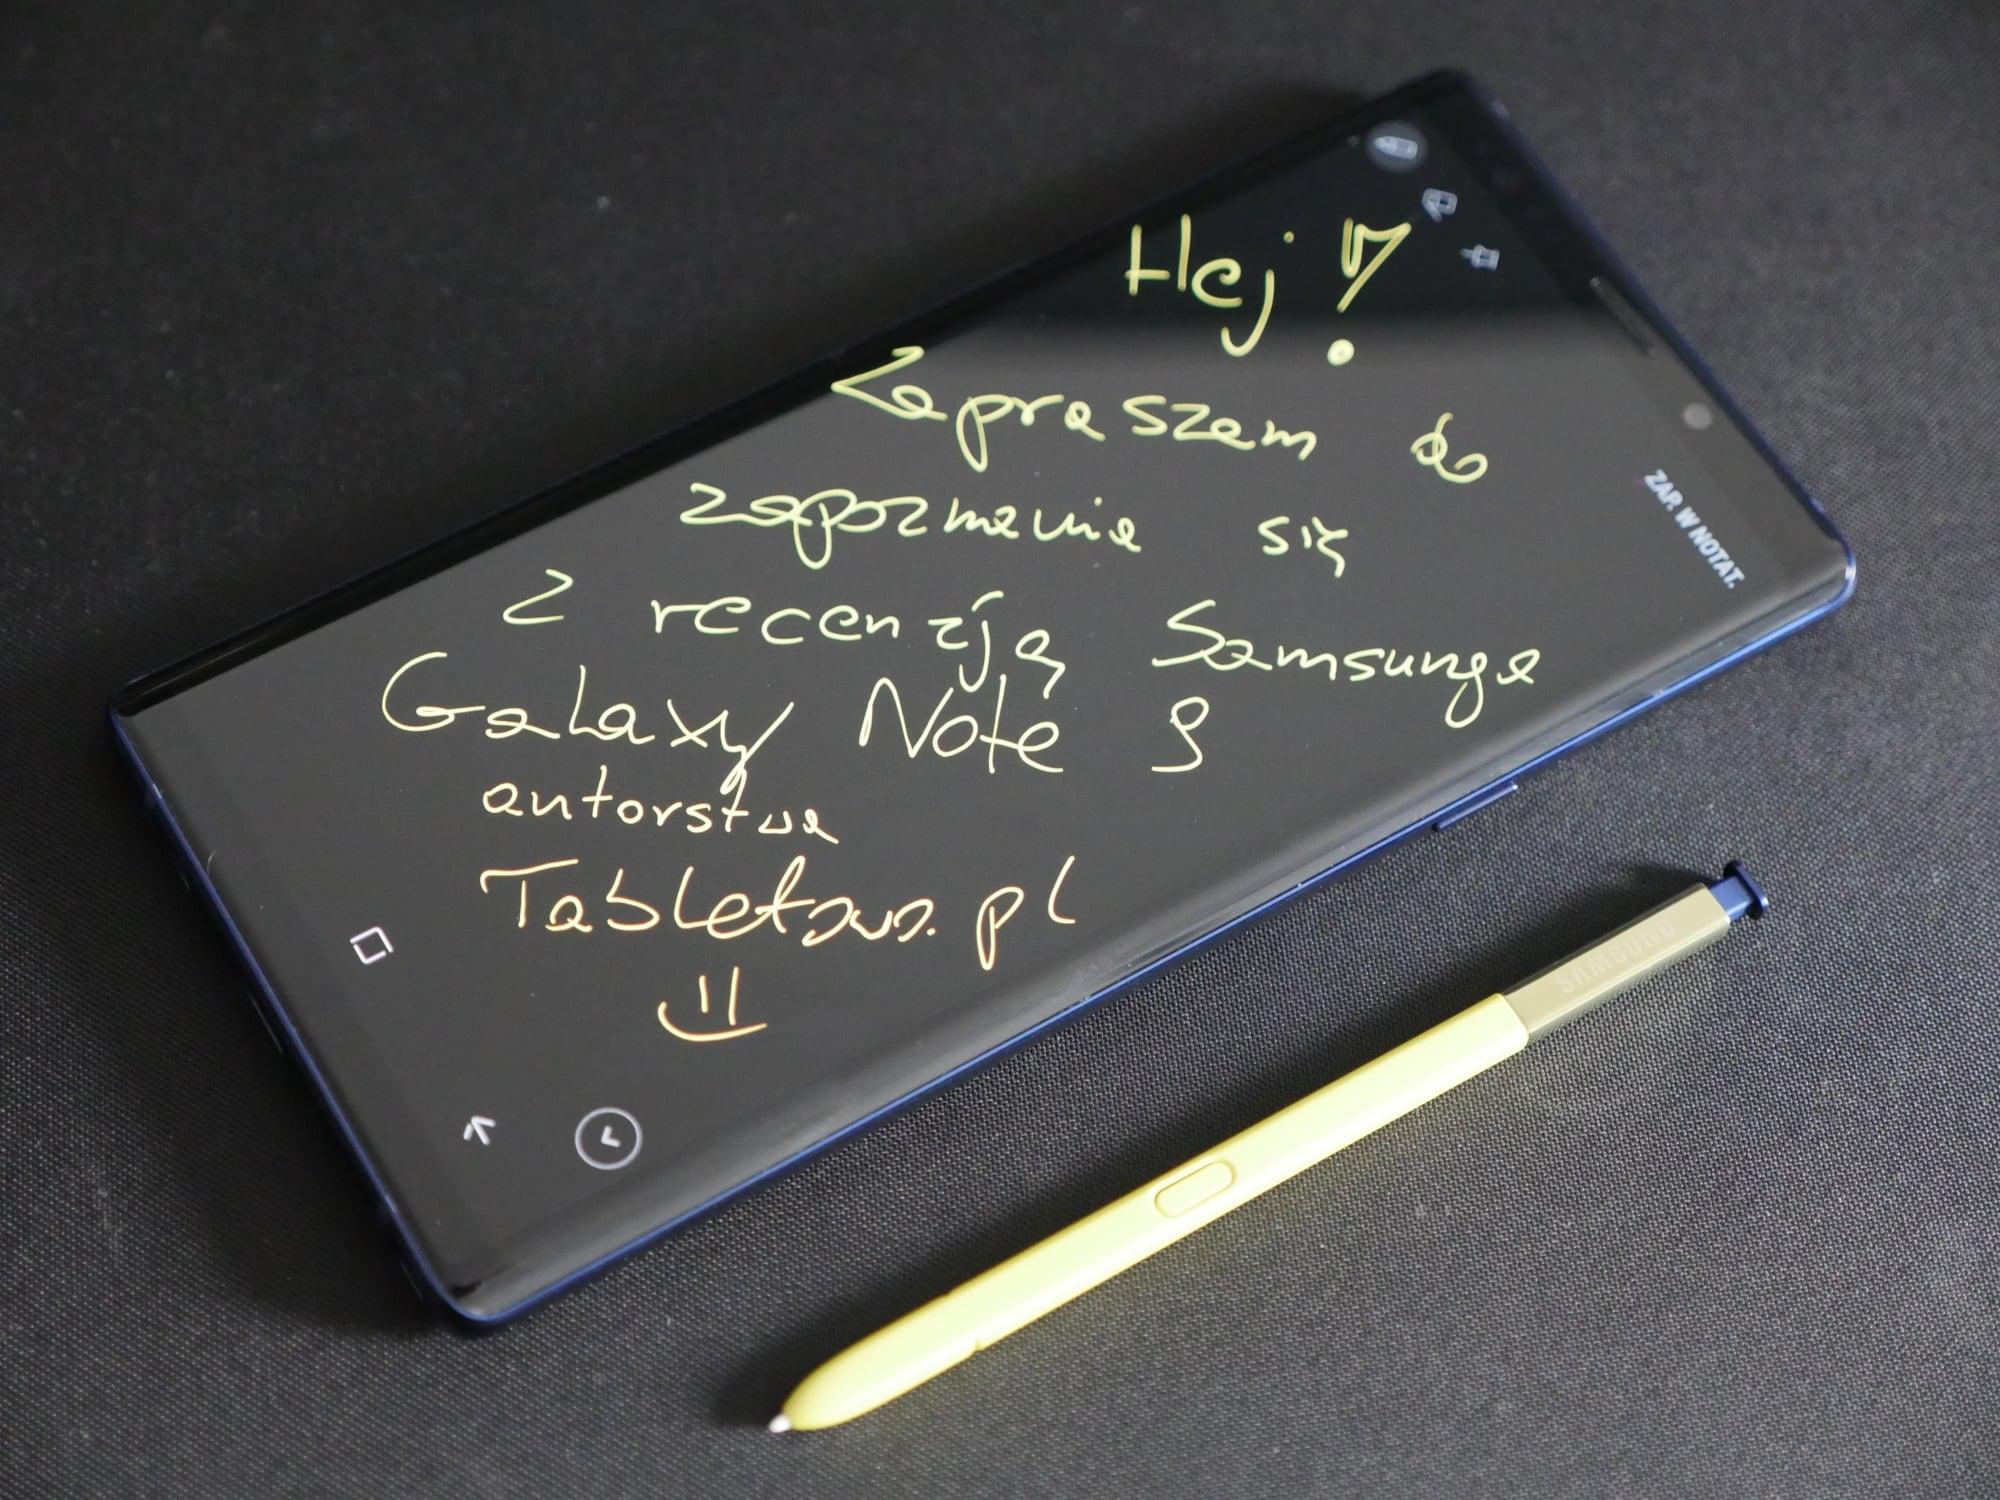 Recenzja Samsunga Galaxy Note 9. Jedni twierdzą, że nudny, inni - że prawie idealny. To jak to w końcu jest? 22